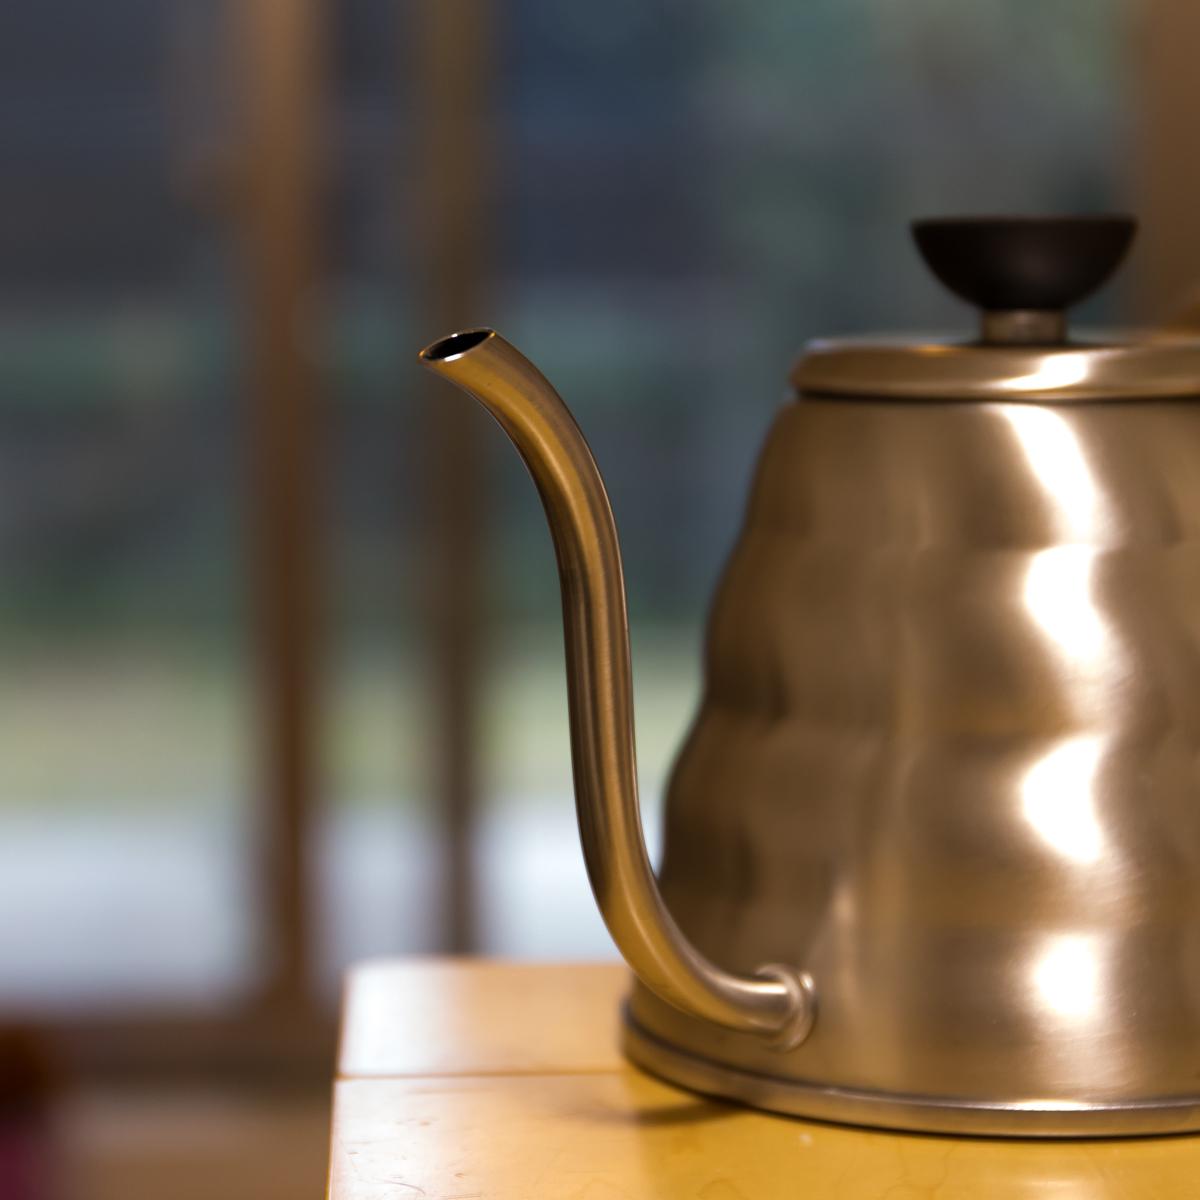 ドリップコーヒー器具(6)